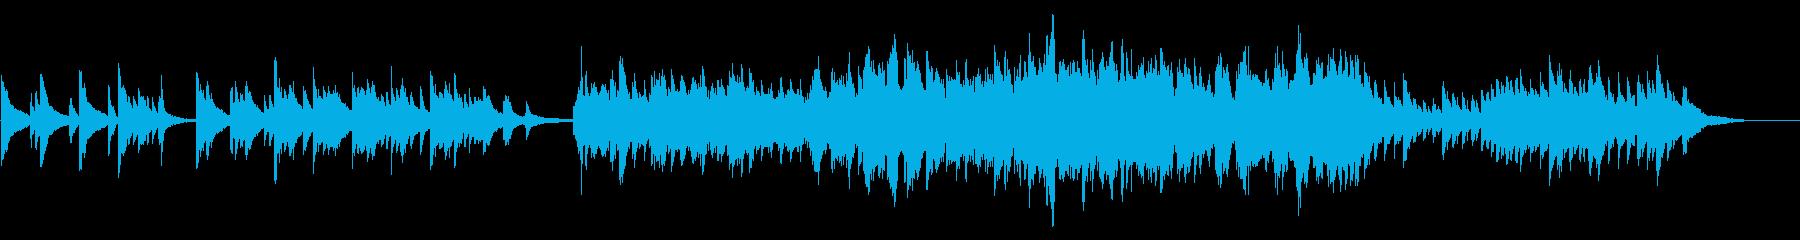 ドラマチックに展開するピアノバラードの再生済みの波形